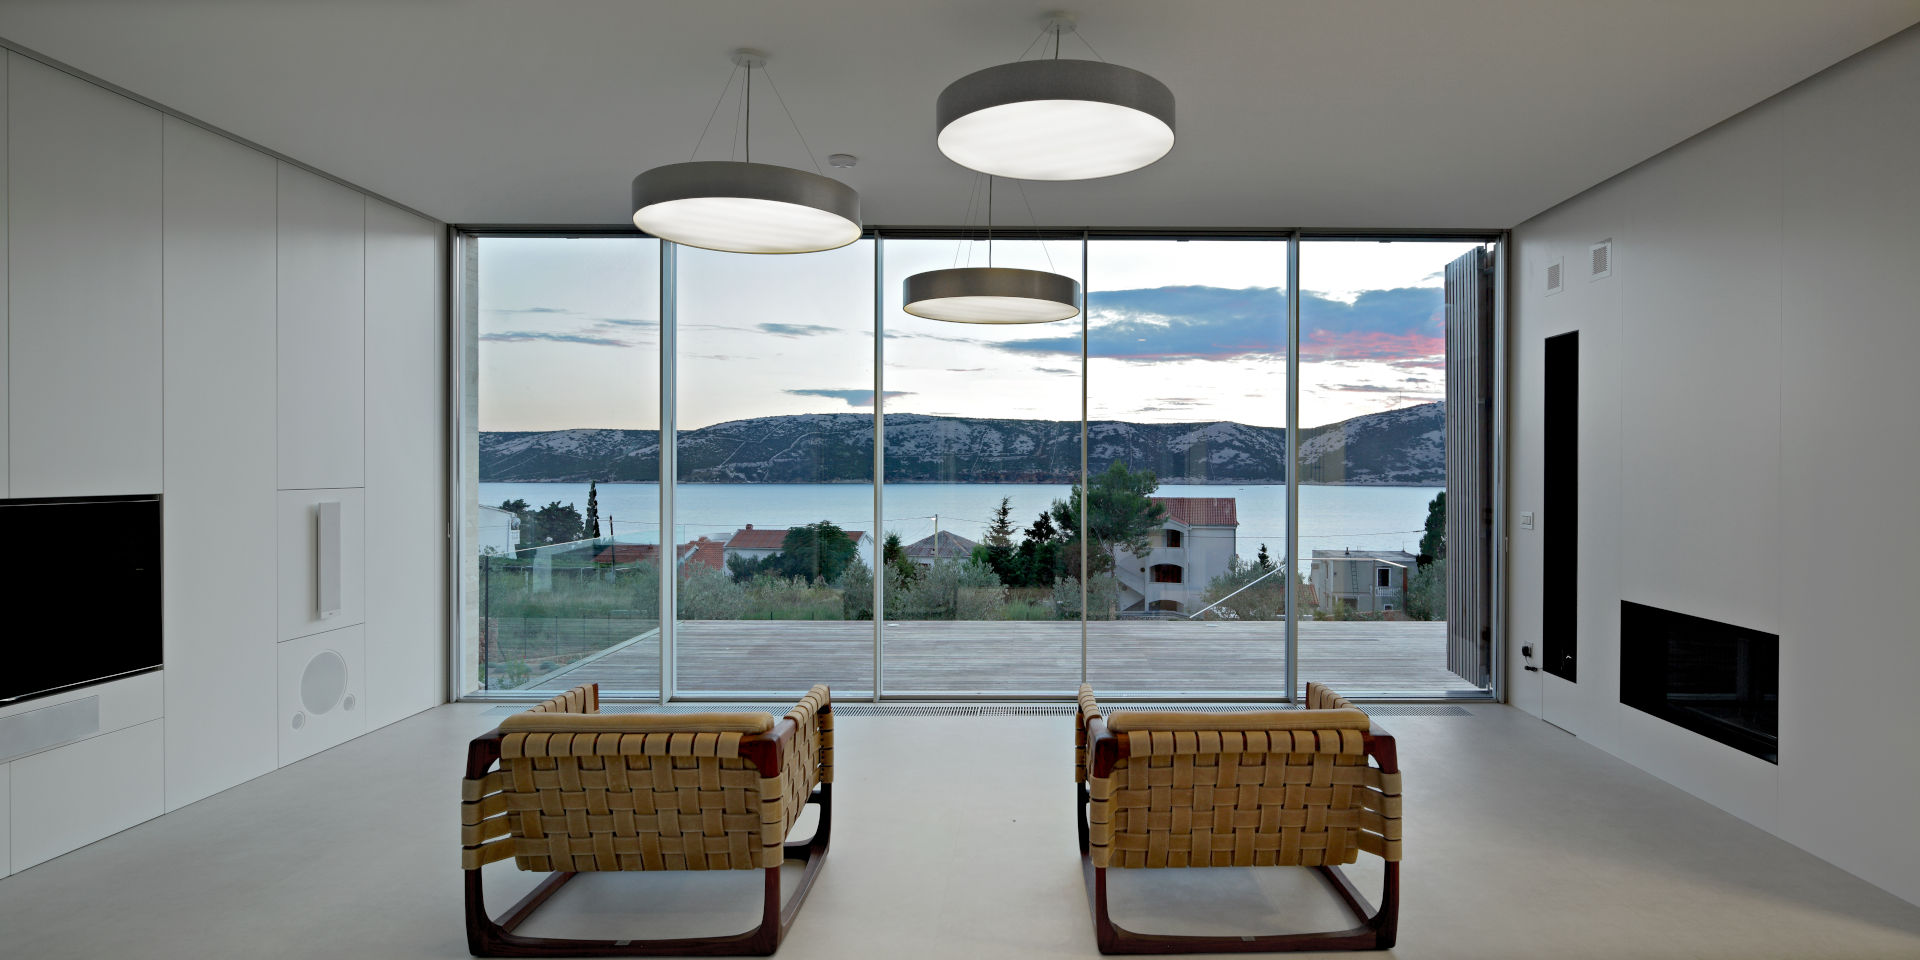 keller-minimal-windows-66 (2)